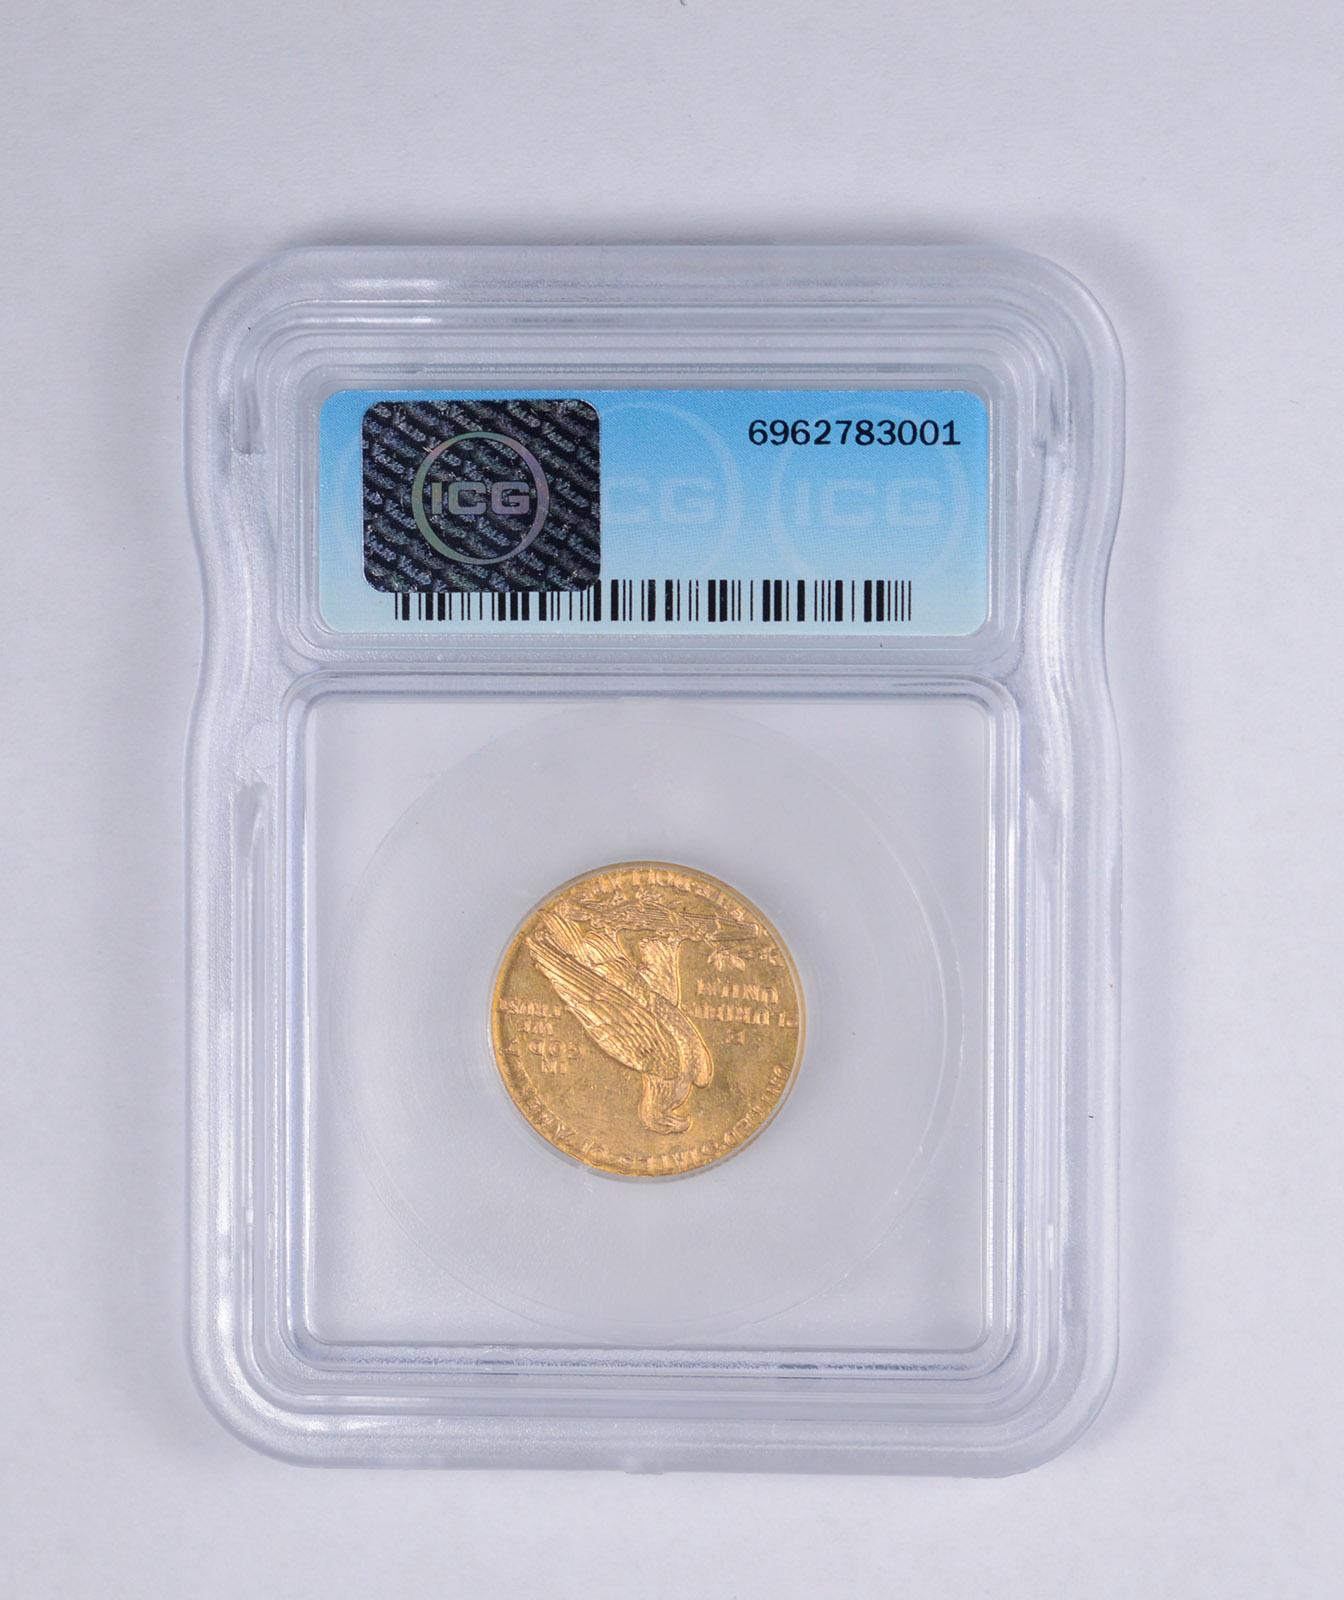 jjxx.com_MS64 1909-D $5.00 Indian Head Gold Half Eagle - JJXX - Graded ICG | Property Room